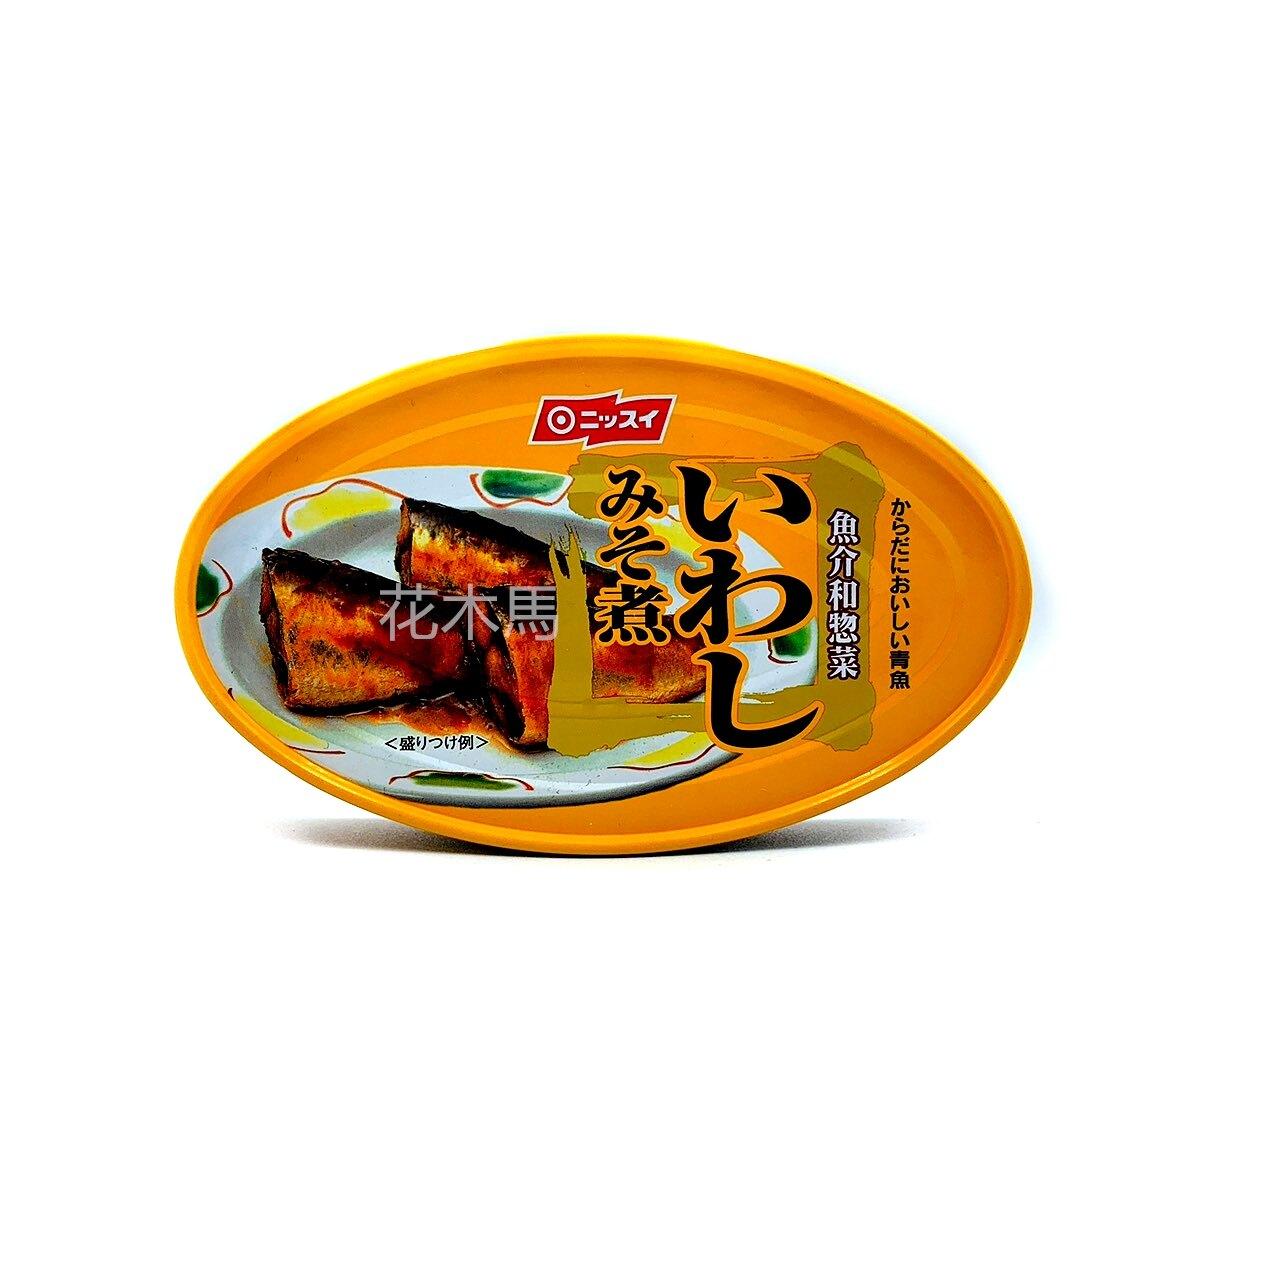 日水沙丁魚(味付) 日水沙丁魚(味噌煮) 味付沙丁魚 味噌煮沙丁魚 日本罐頭